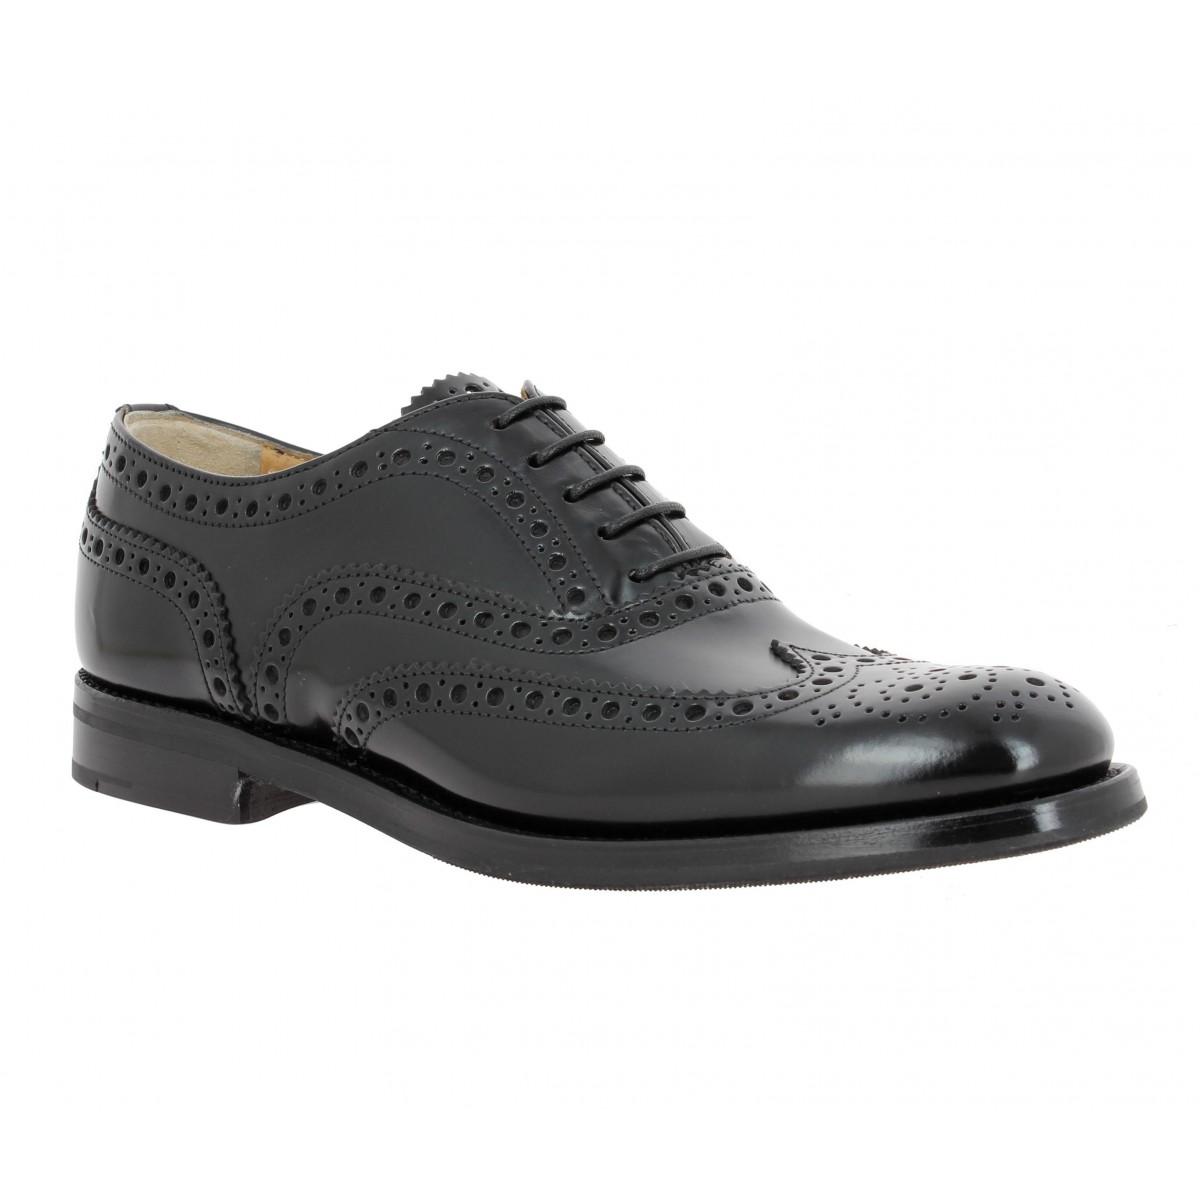 Chaussures à lacets CHURCH'S Burwood cuir Femme Noir